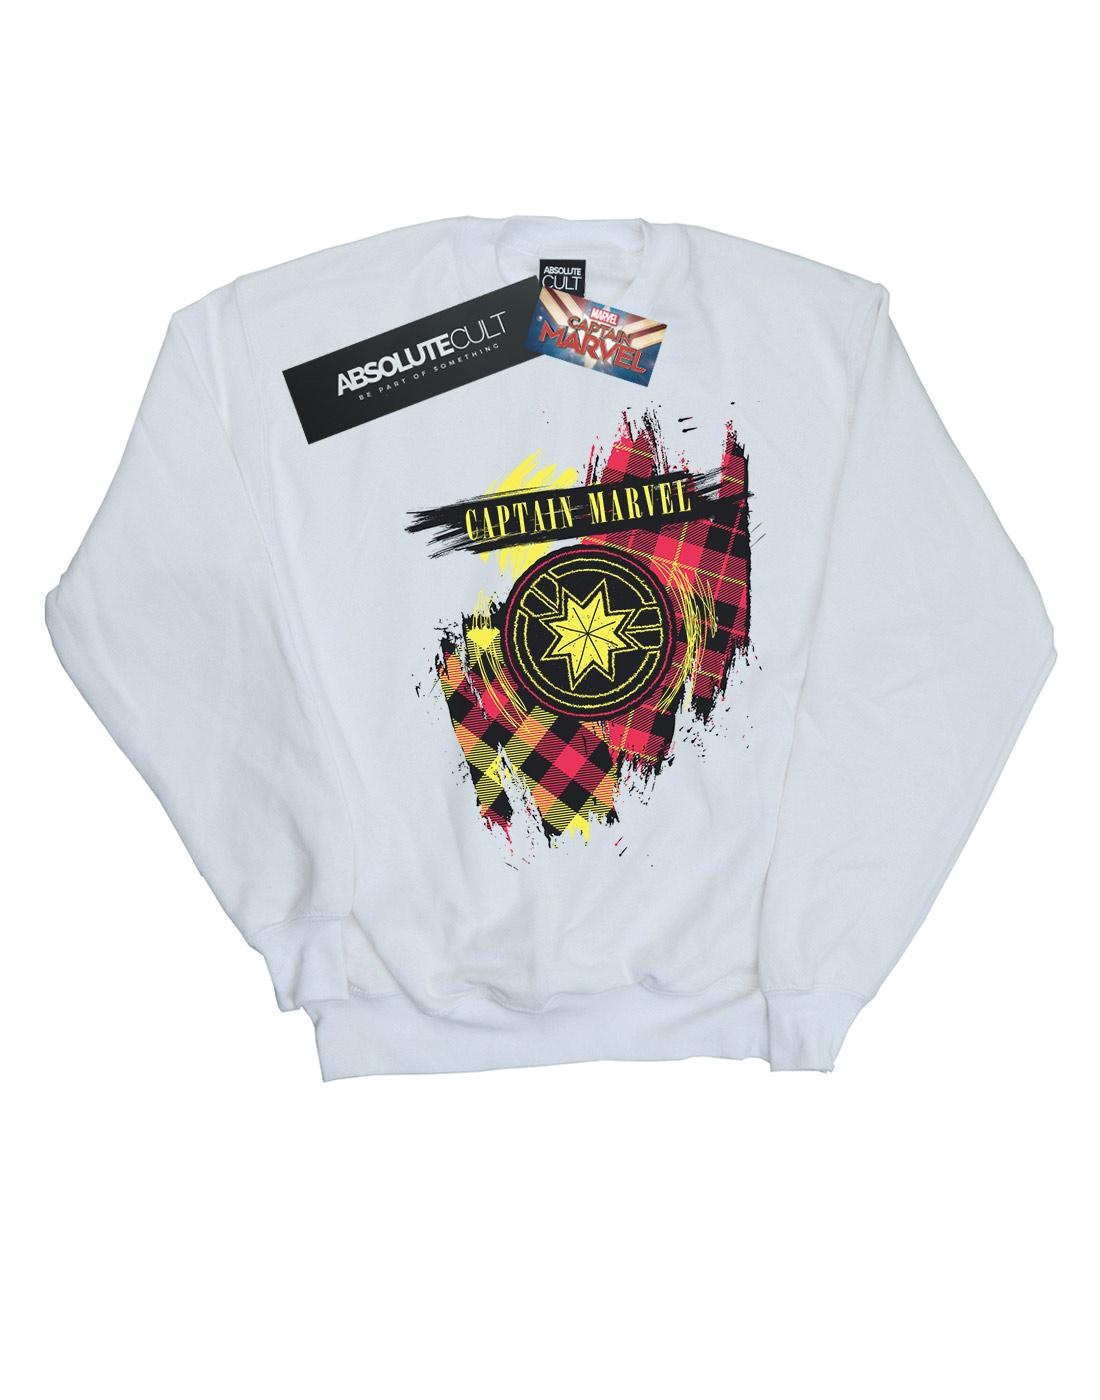 Marvel Damen Captain Marvel Tartan Patch Sweatshirt | Tragen-wider  | | | Haben Wir Lob Von Kunden Gewonnen  | Spezielle Funktion  | Verkauf Online-Shop  | Grüne, neue Technologie  633576